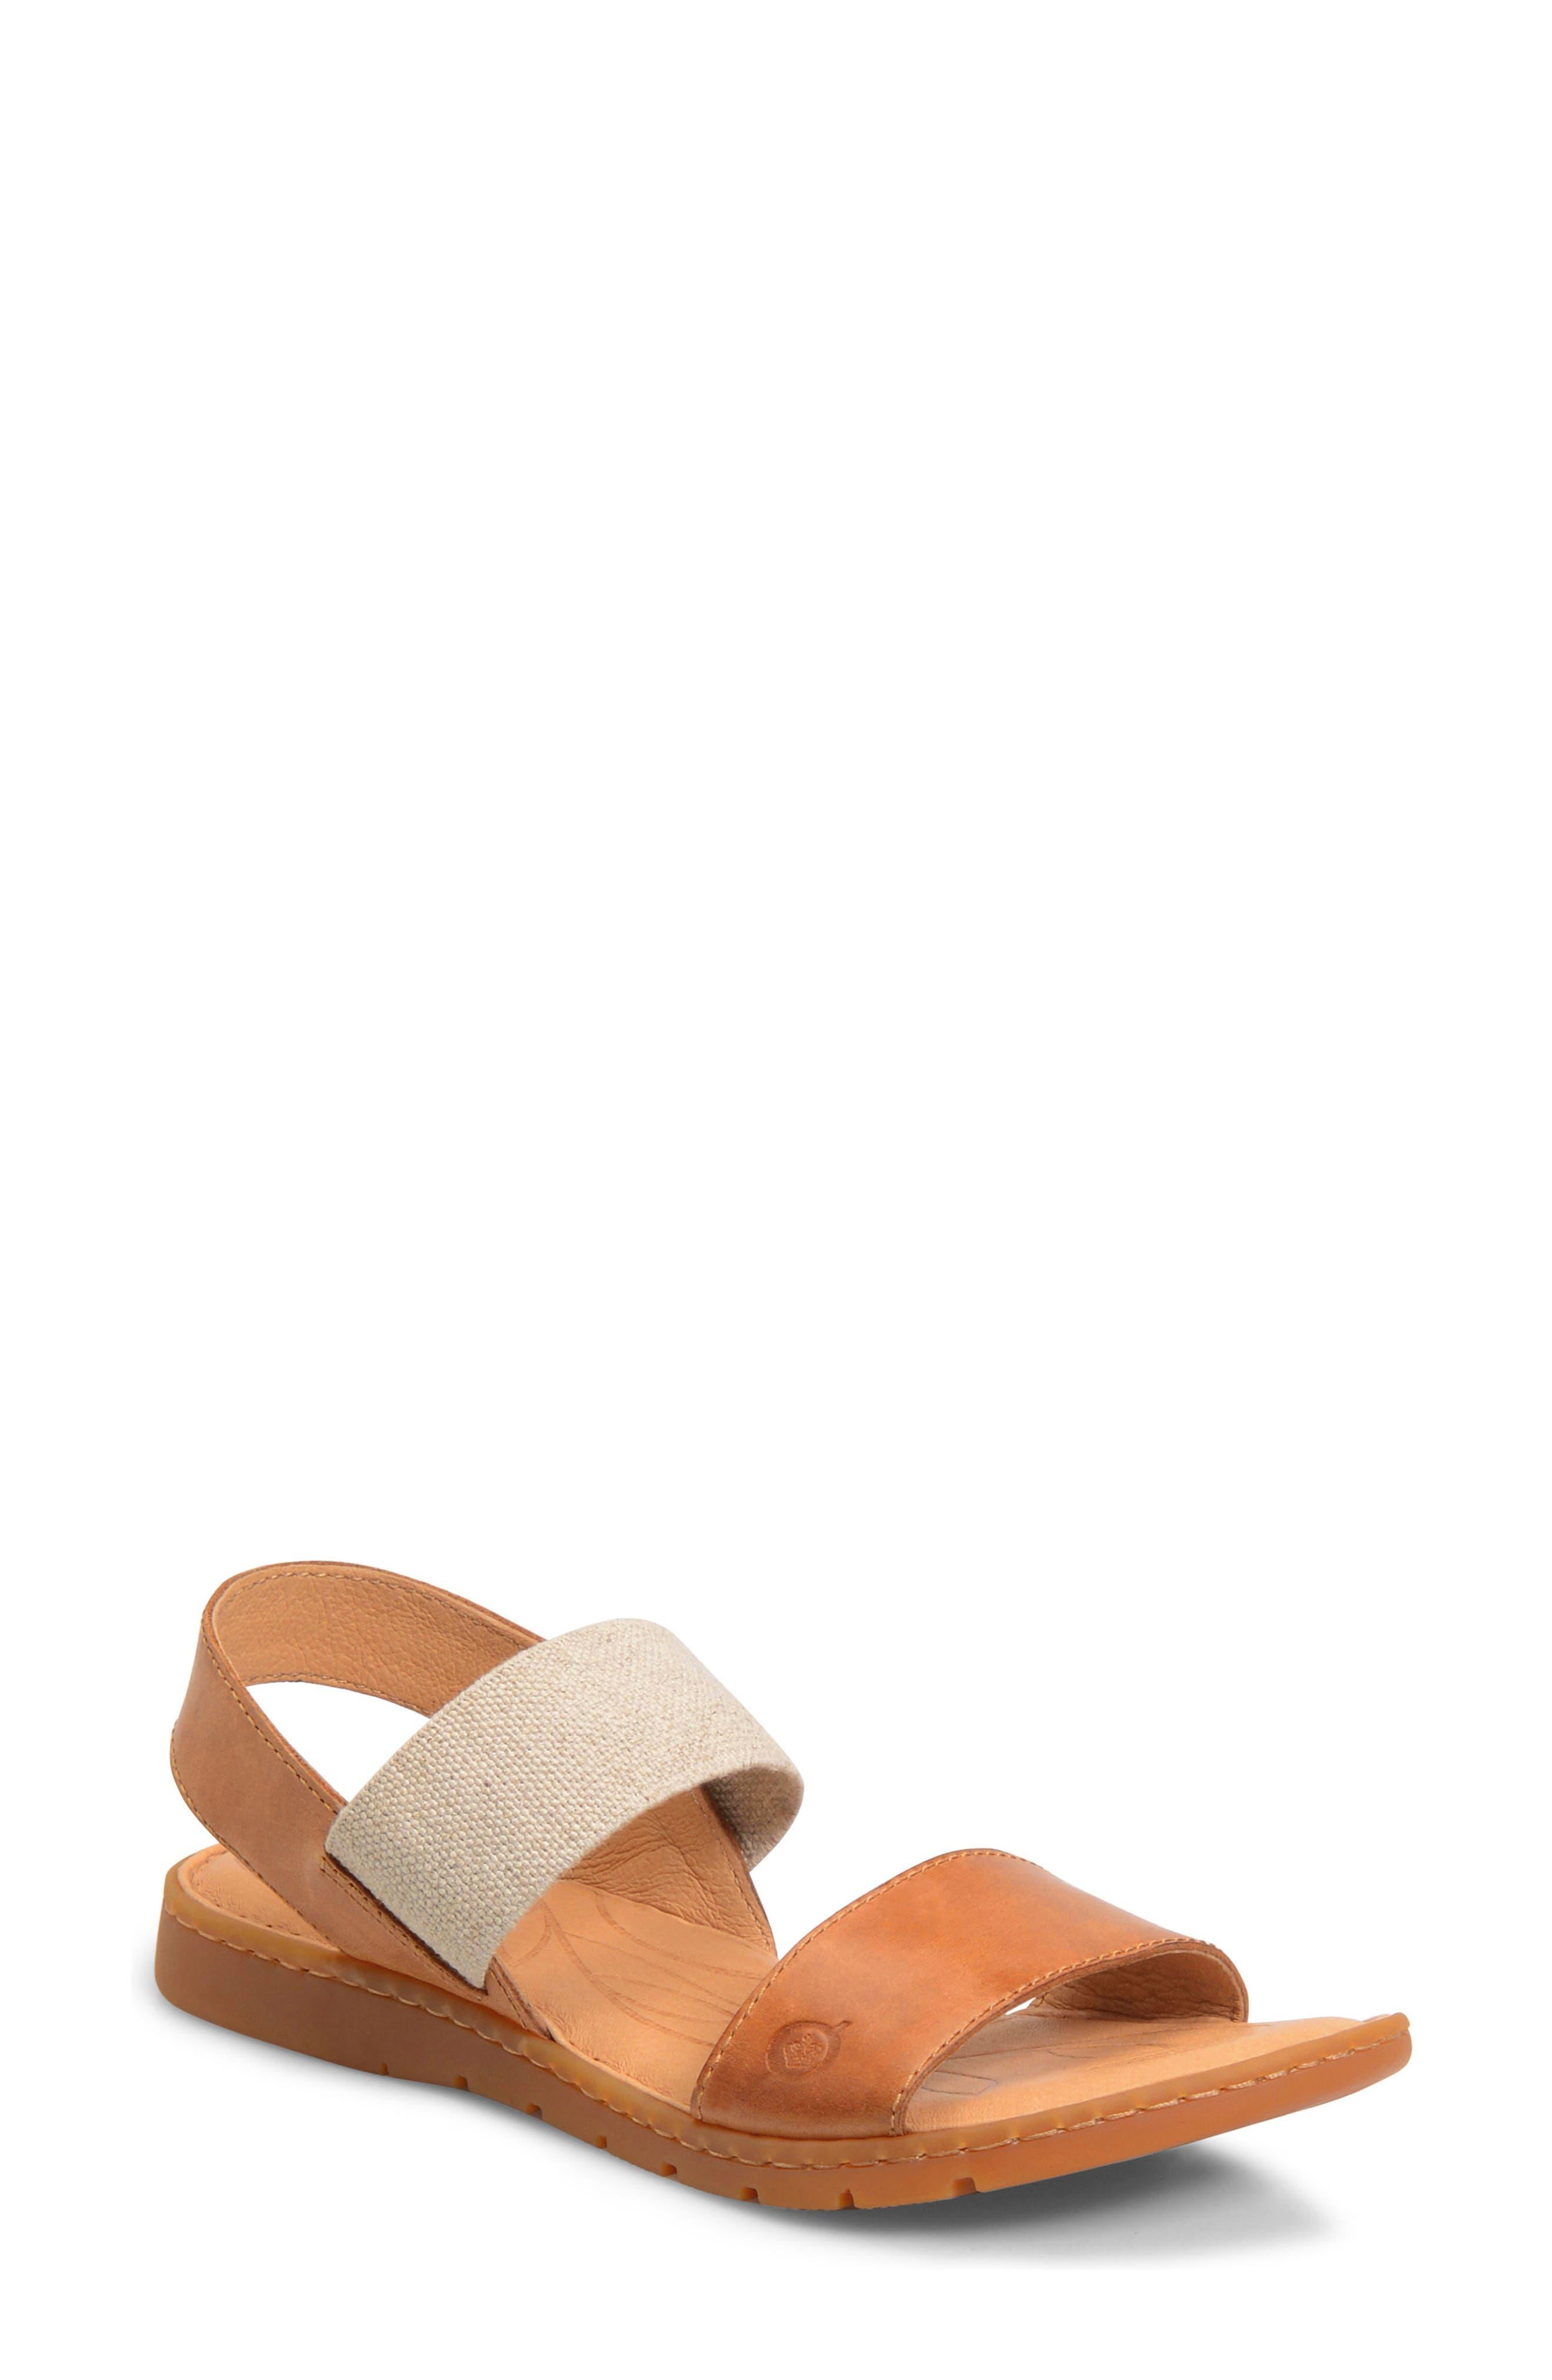 Parsons Sandal,                             Main thumbnail 2, color,